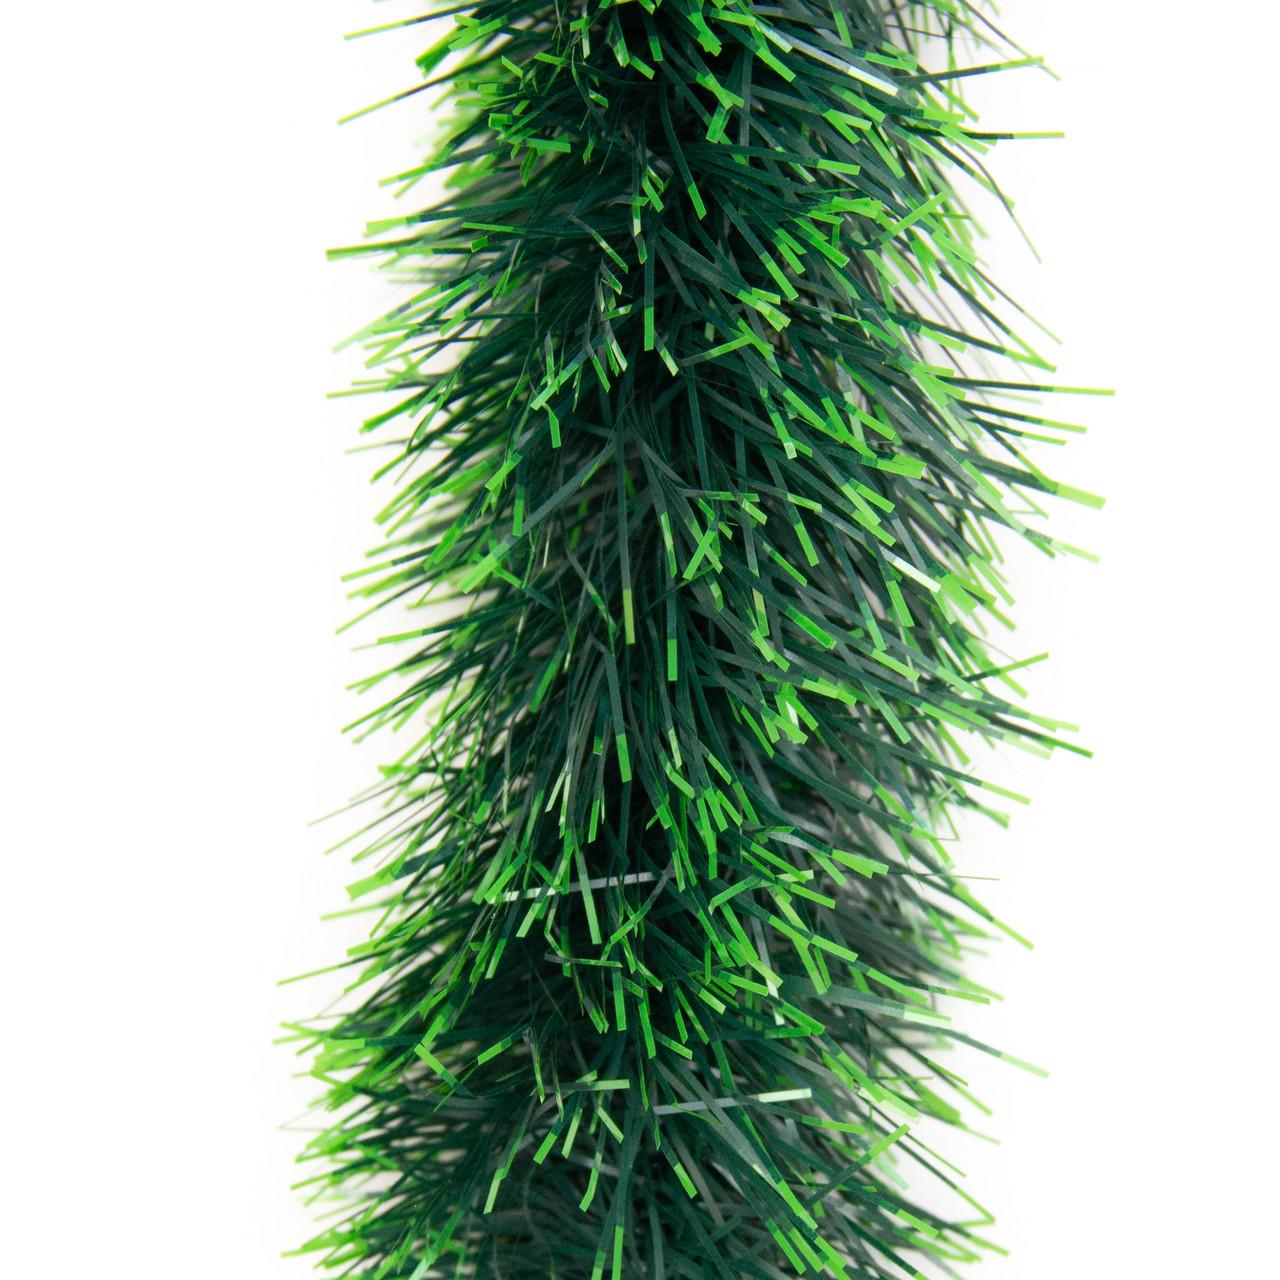 Новорічне прикраса - мішура, 200*7 см, ПВХ, зелено-салатовий (ГК-70/2-5)